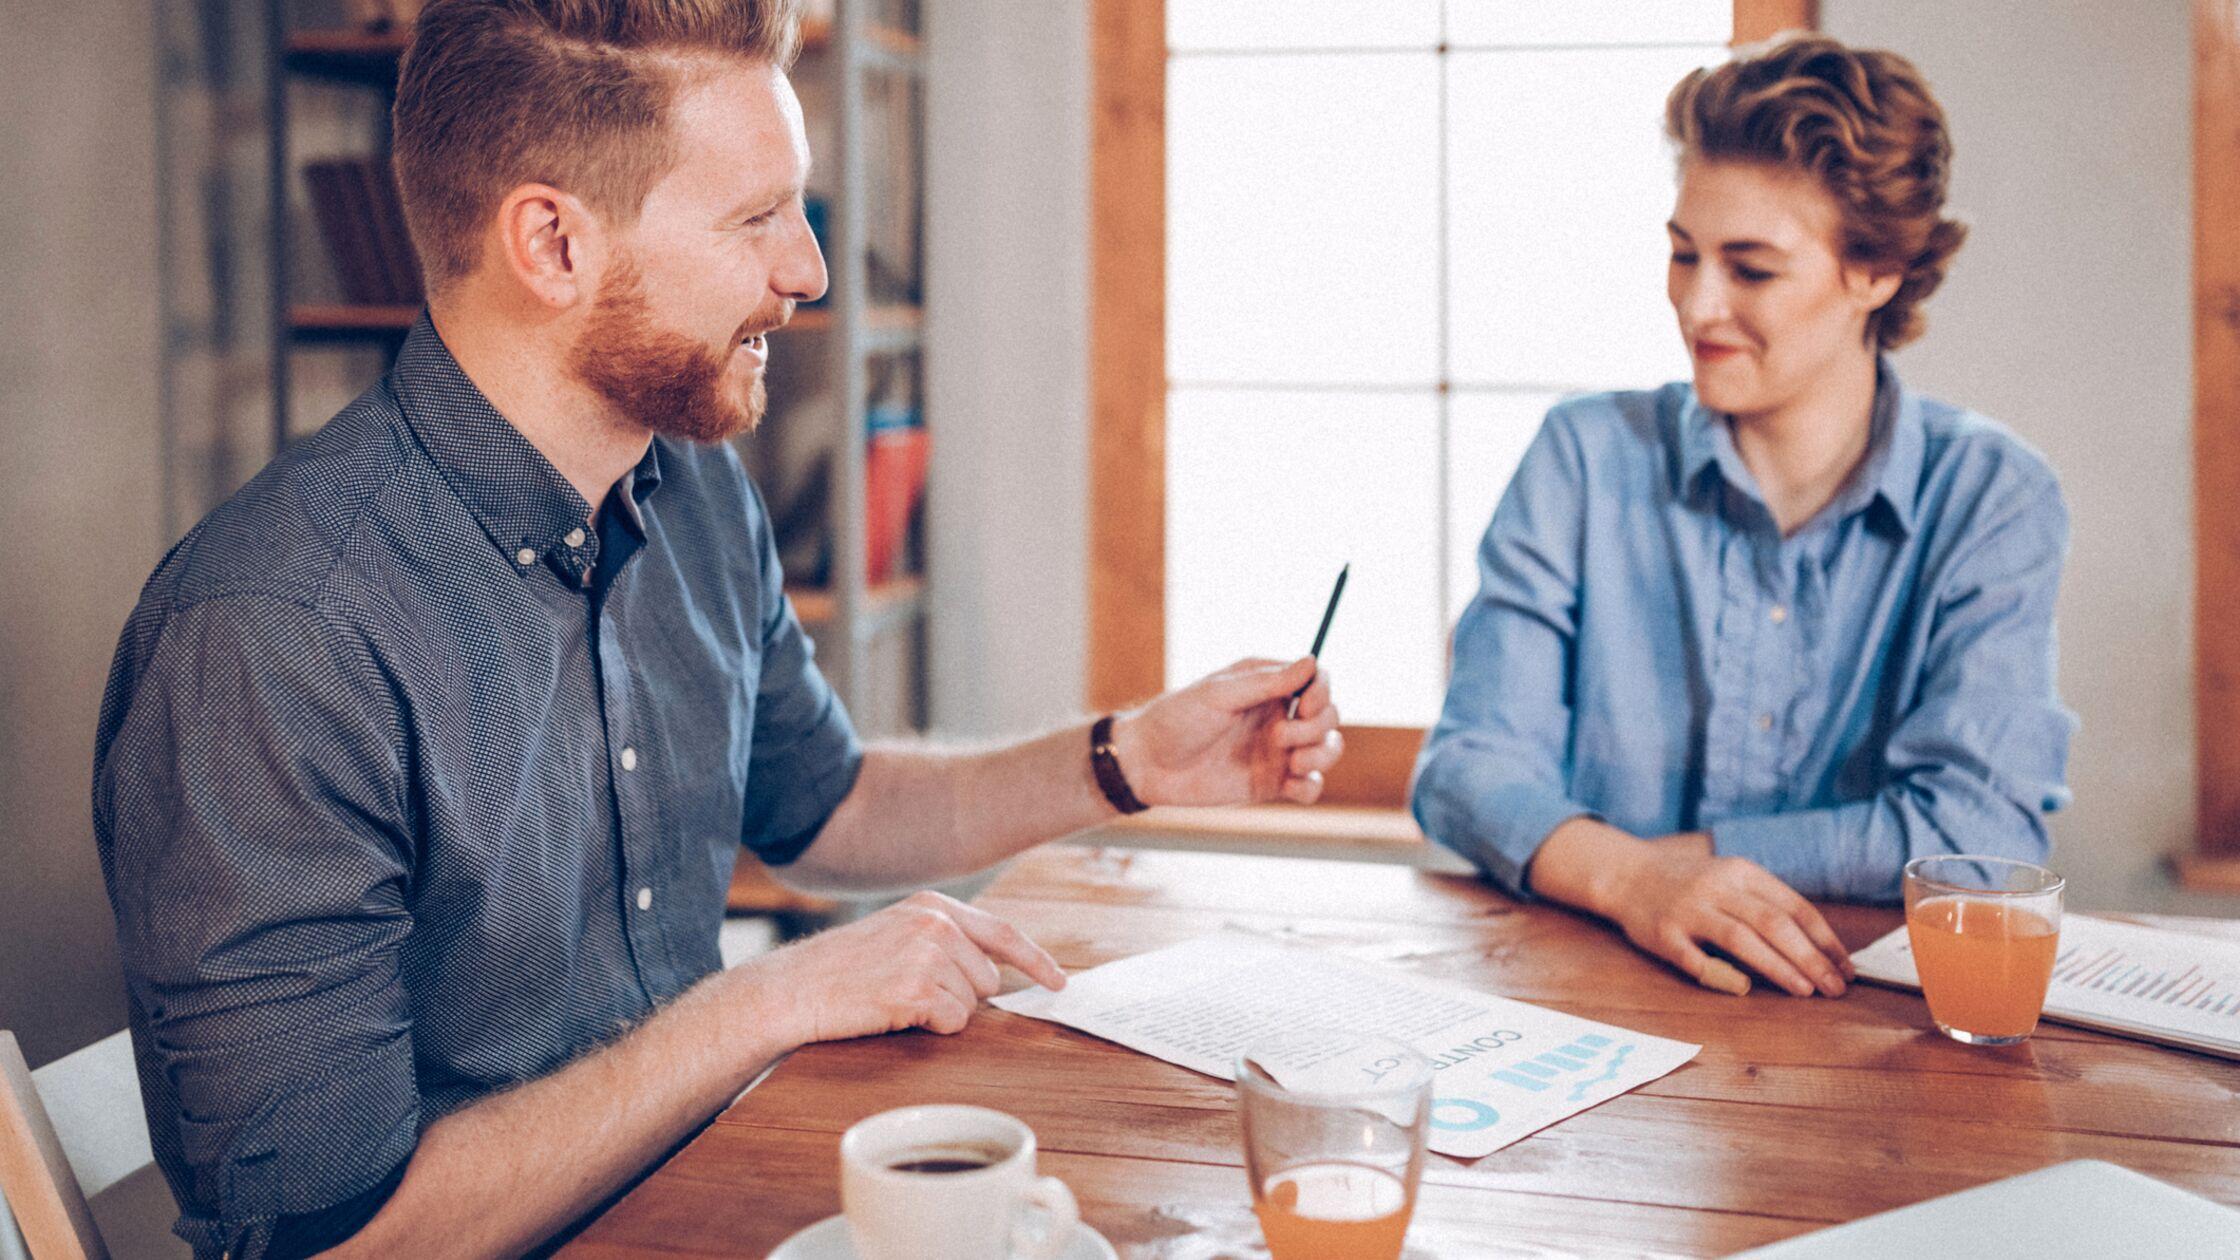 Mann überreicht Frau einen Stift zum unterschreiben eines Dokuments.